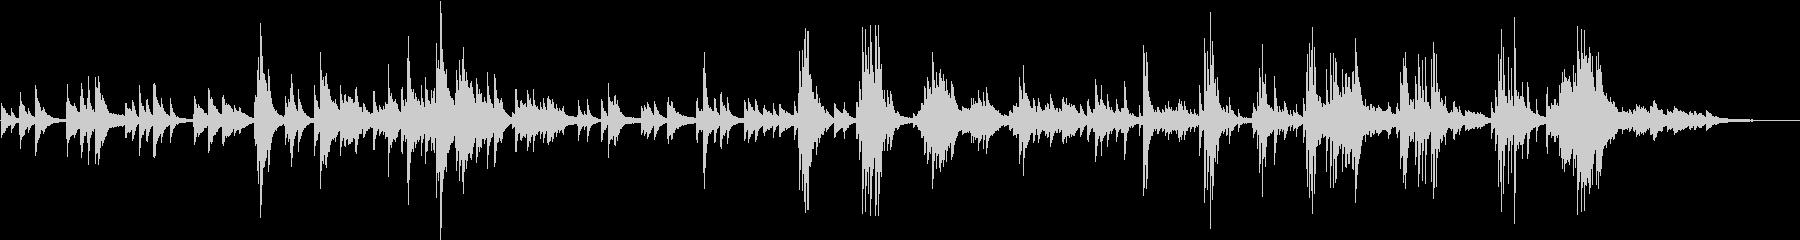 ゆったり流れる静かなくつろぎのピアノの未再生の波形